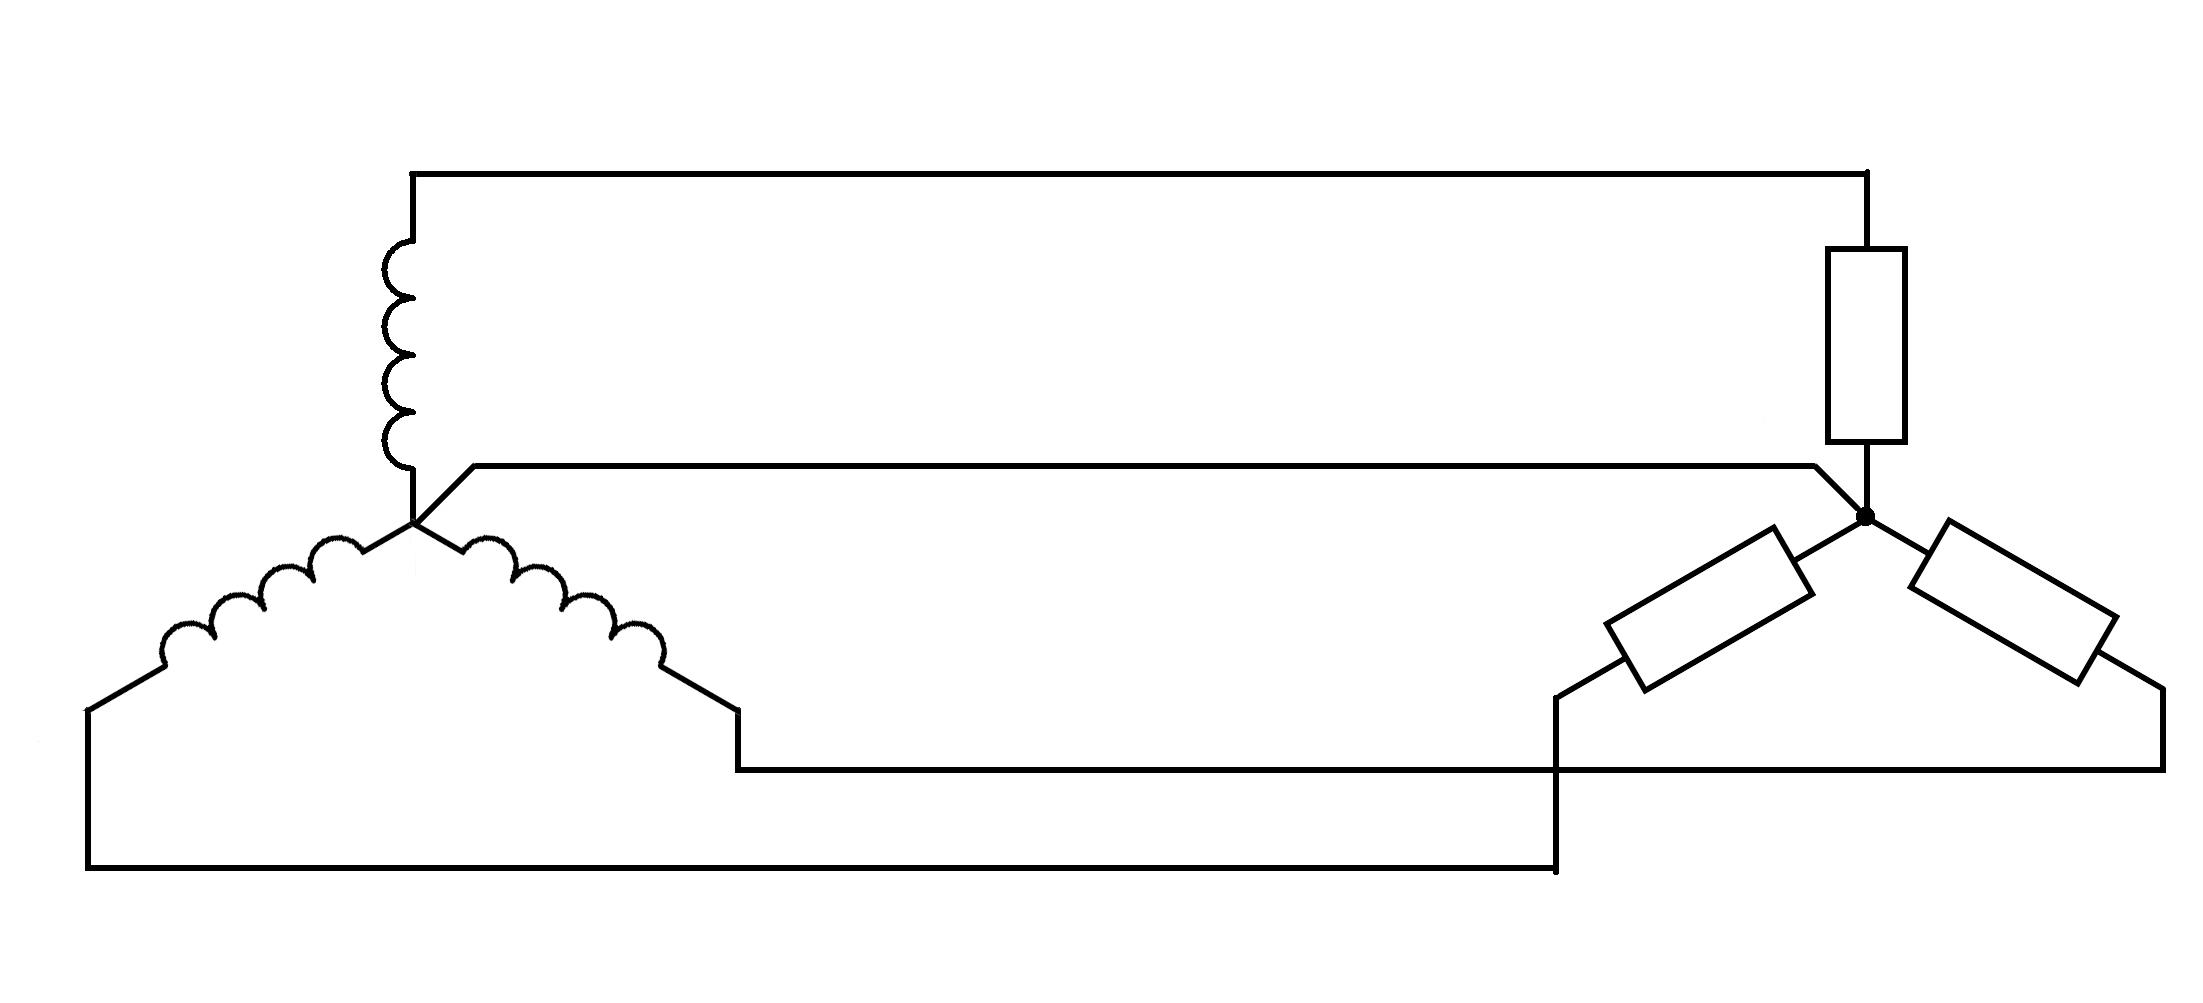 Трехфазный переменный ток  этом случае получается три независимые цепи рис 25 Такая схема носит название несвязанная трехфазная система она требует для передачи электрической